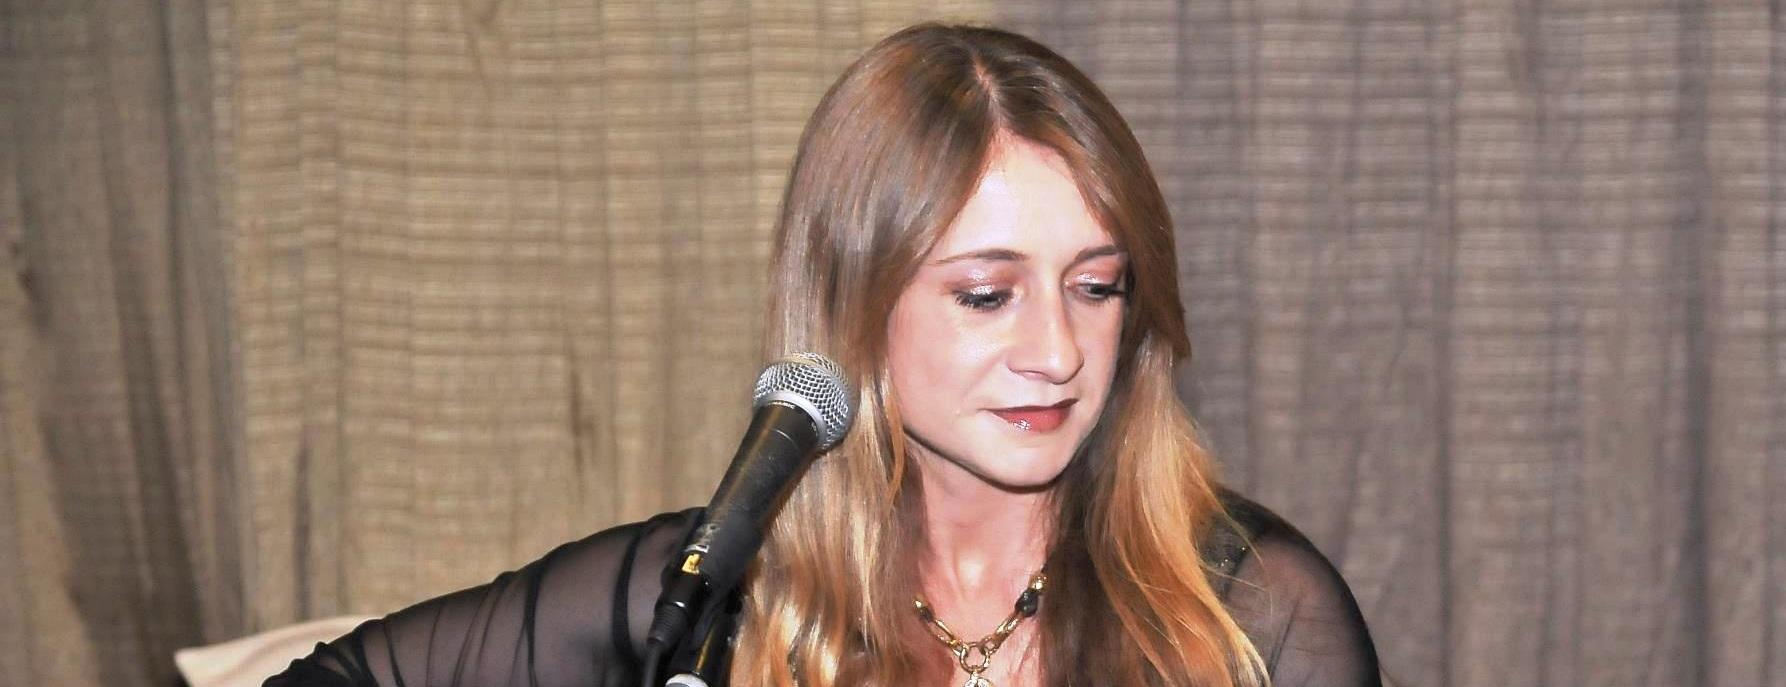 Rachely Wollstein